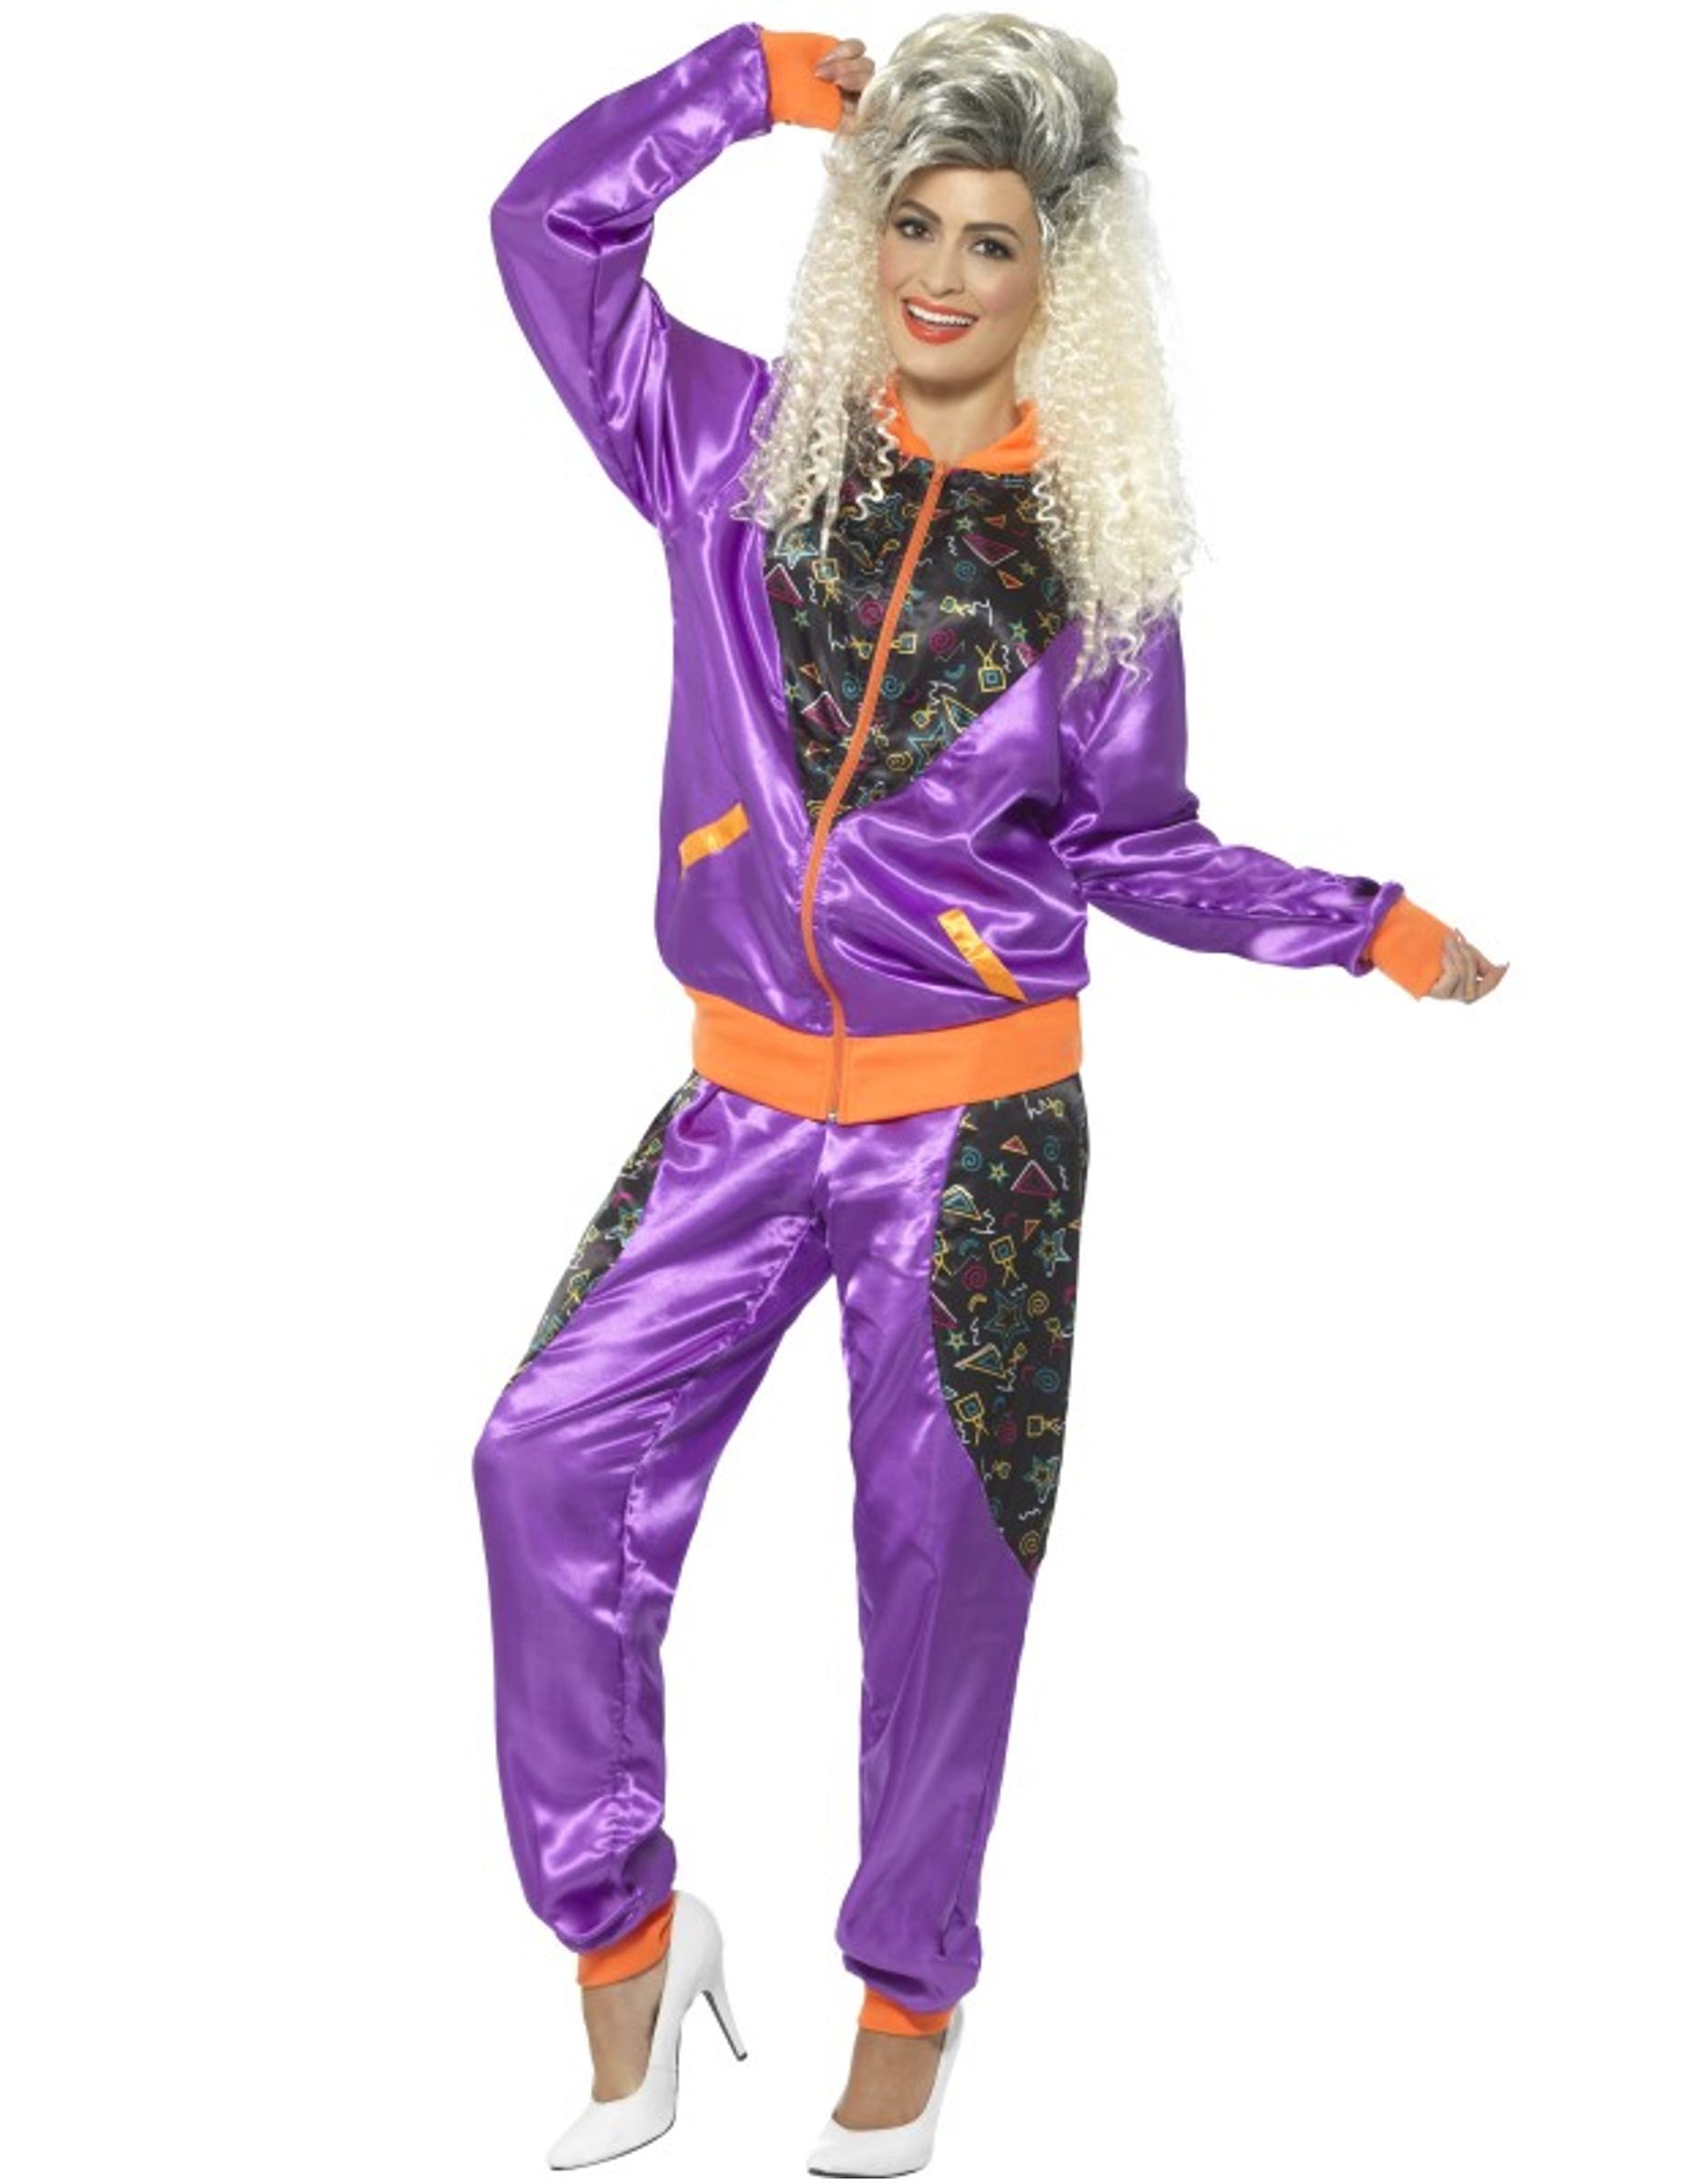 Disfraz chándal años 80 violeta mujer: Disfraces adultos,y disfraces ...